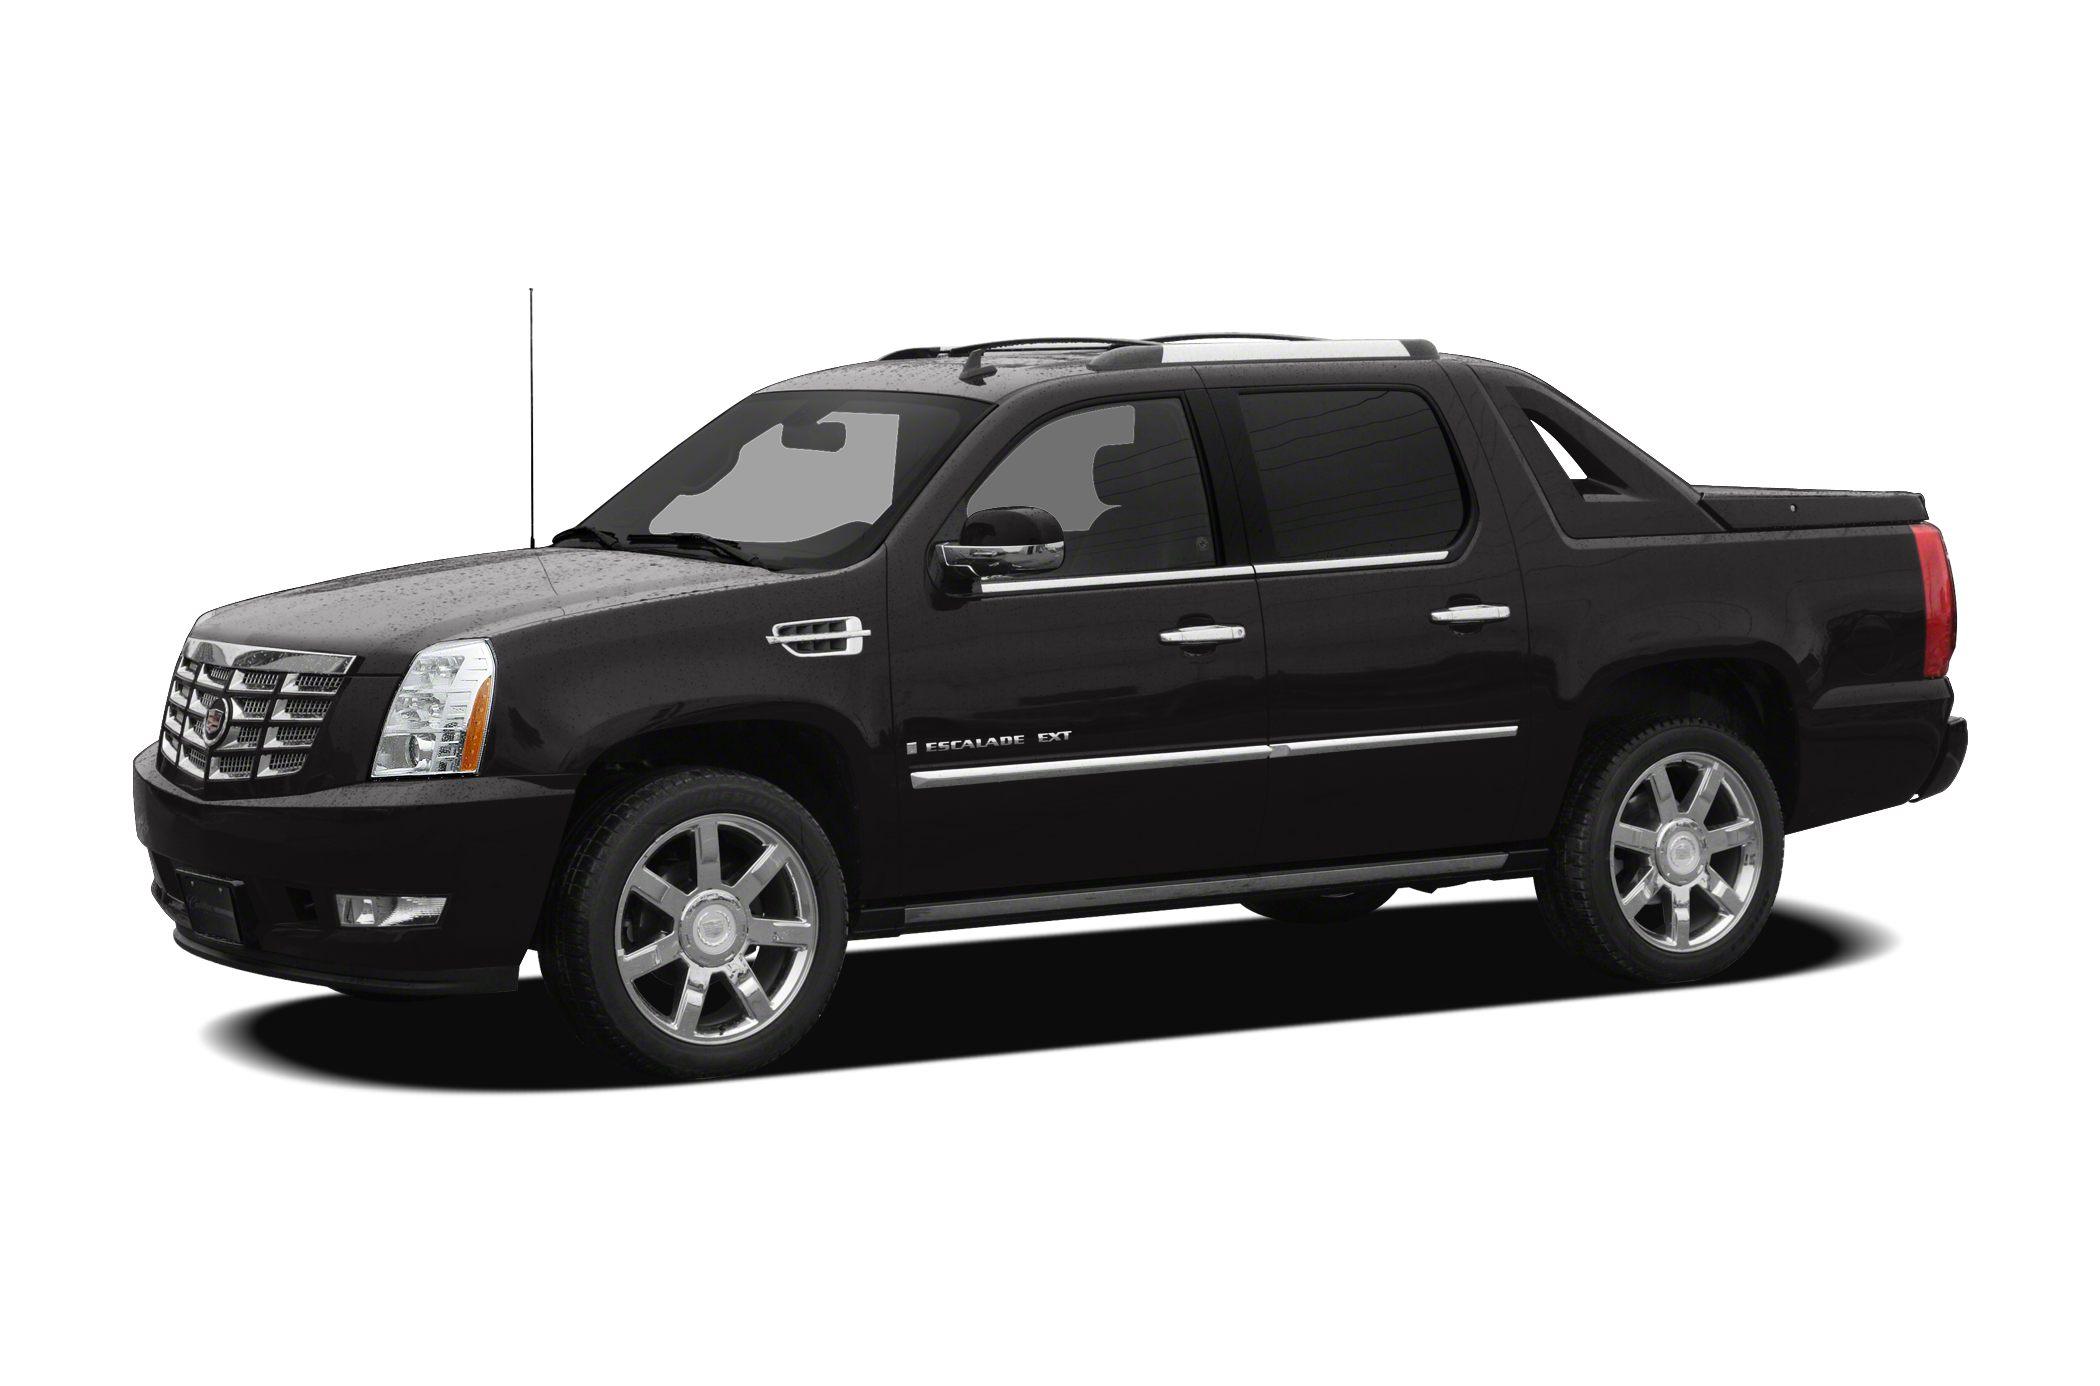 2012 Cadillac Escalade EXT